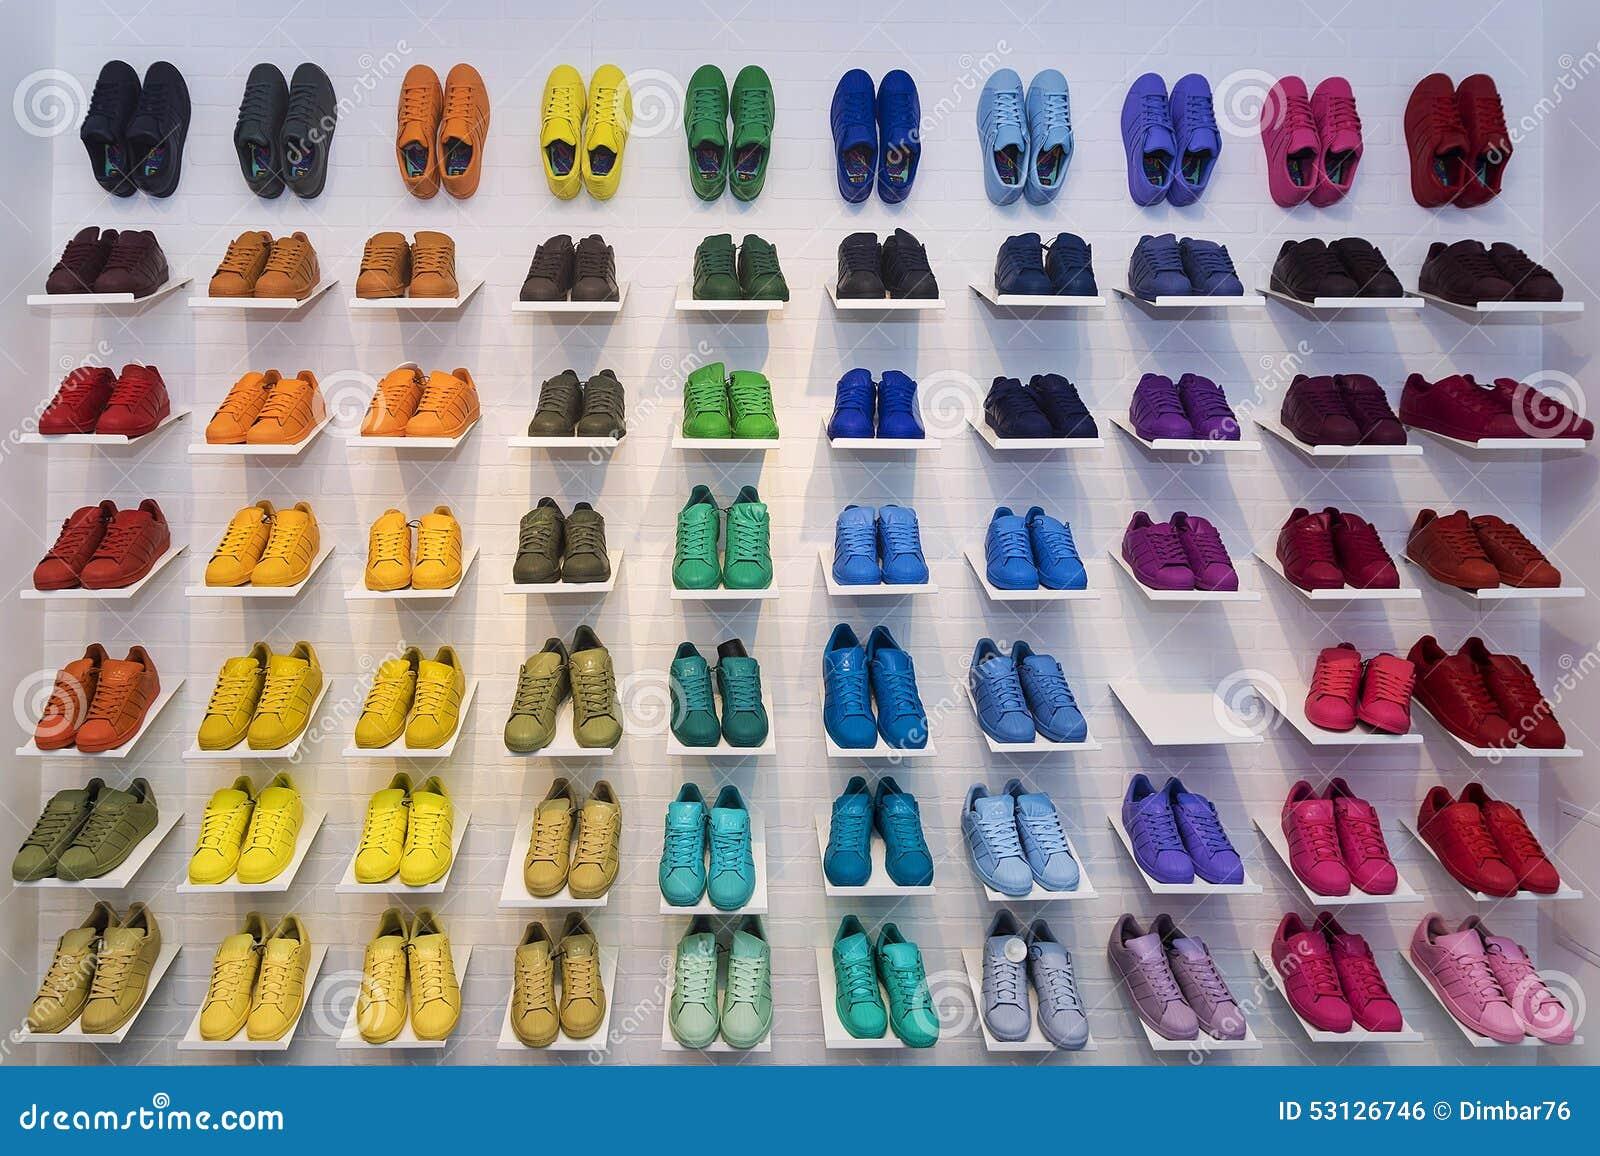 MOSCOU, RÚSSIA - 12 DE ABRIL: Sapatas dos originais de Adidas em um stor da sapata